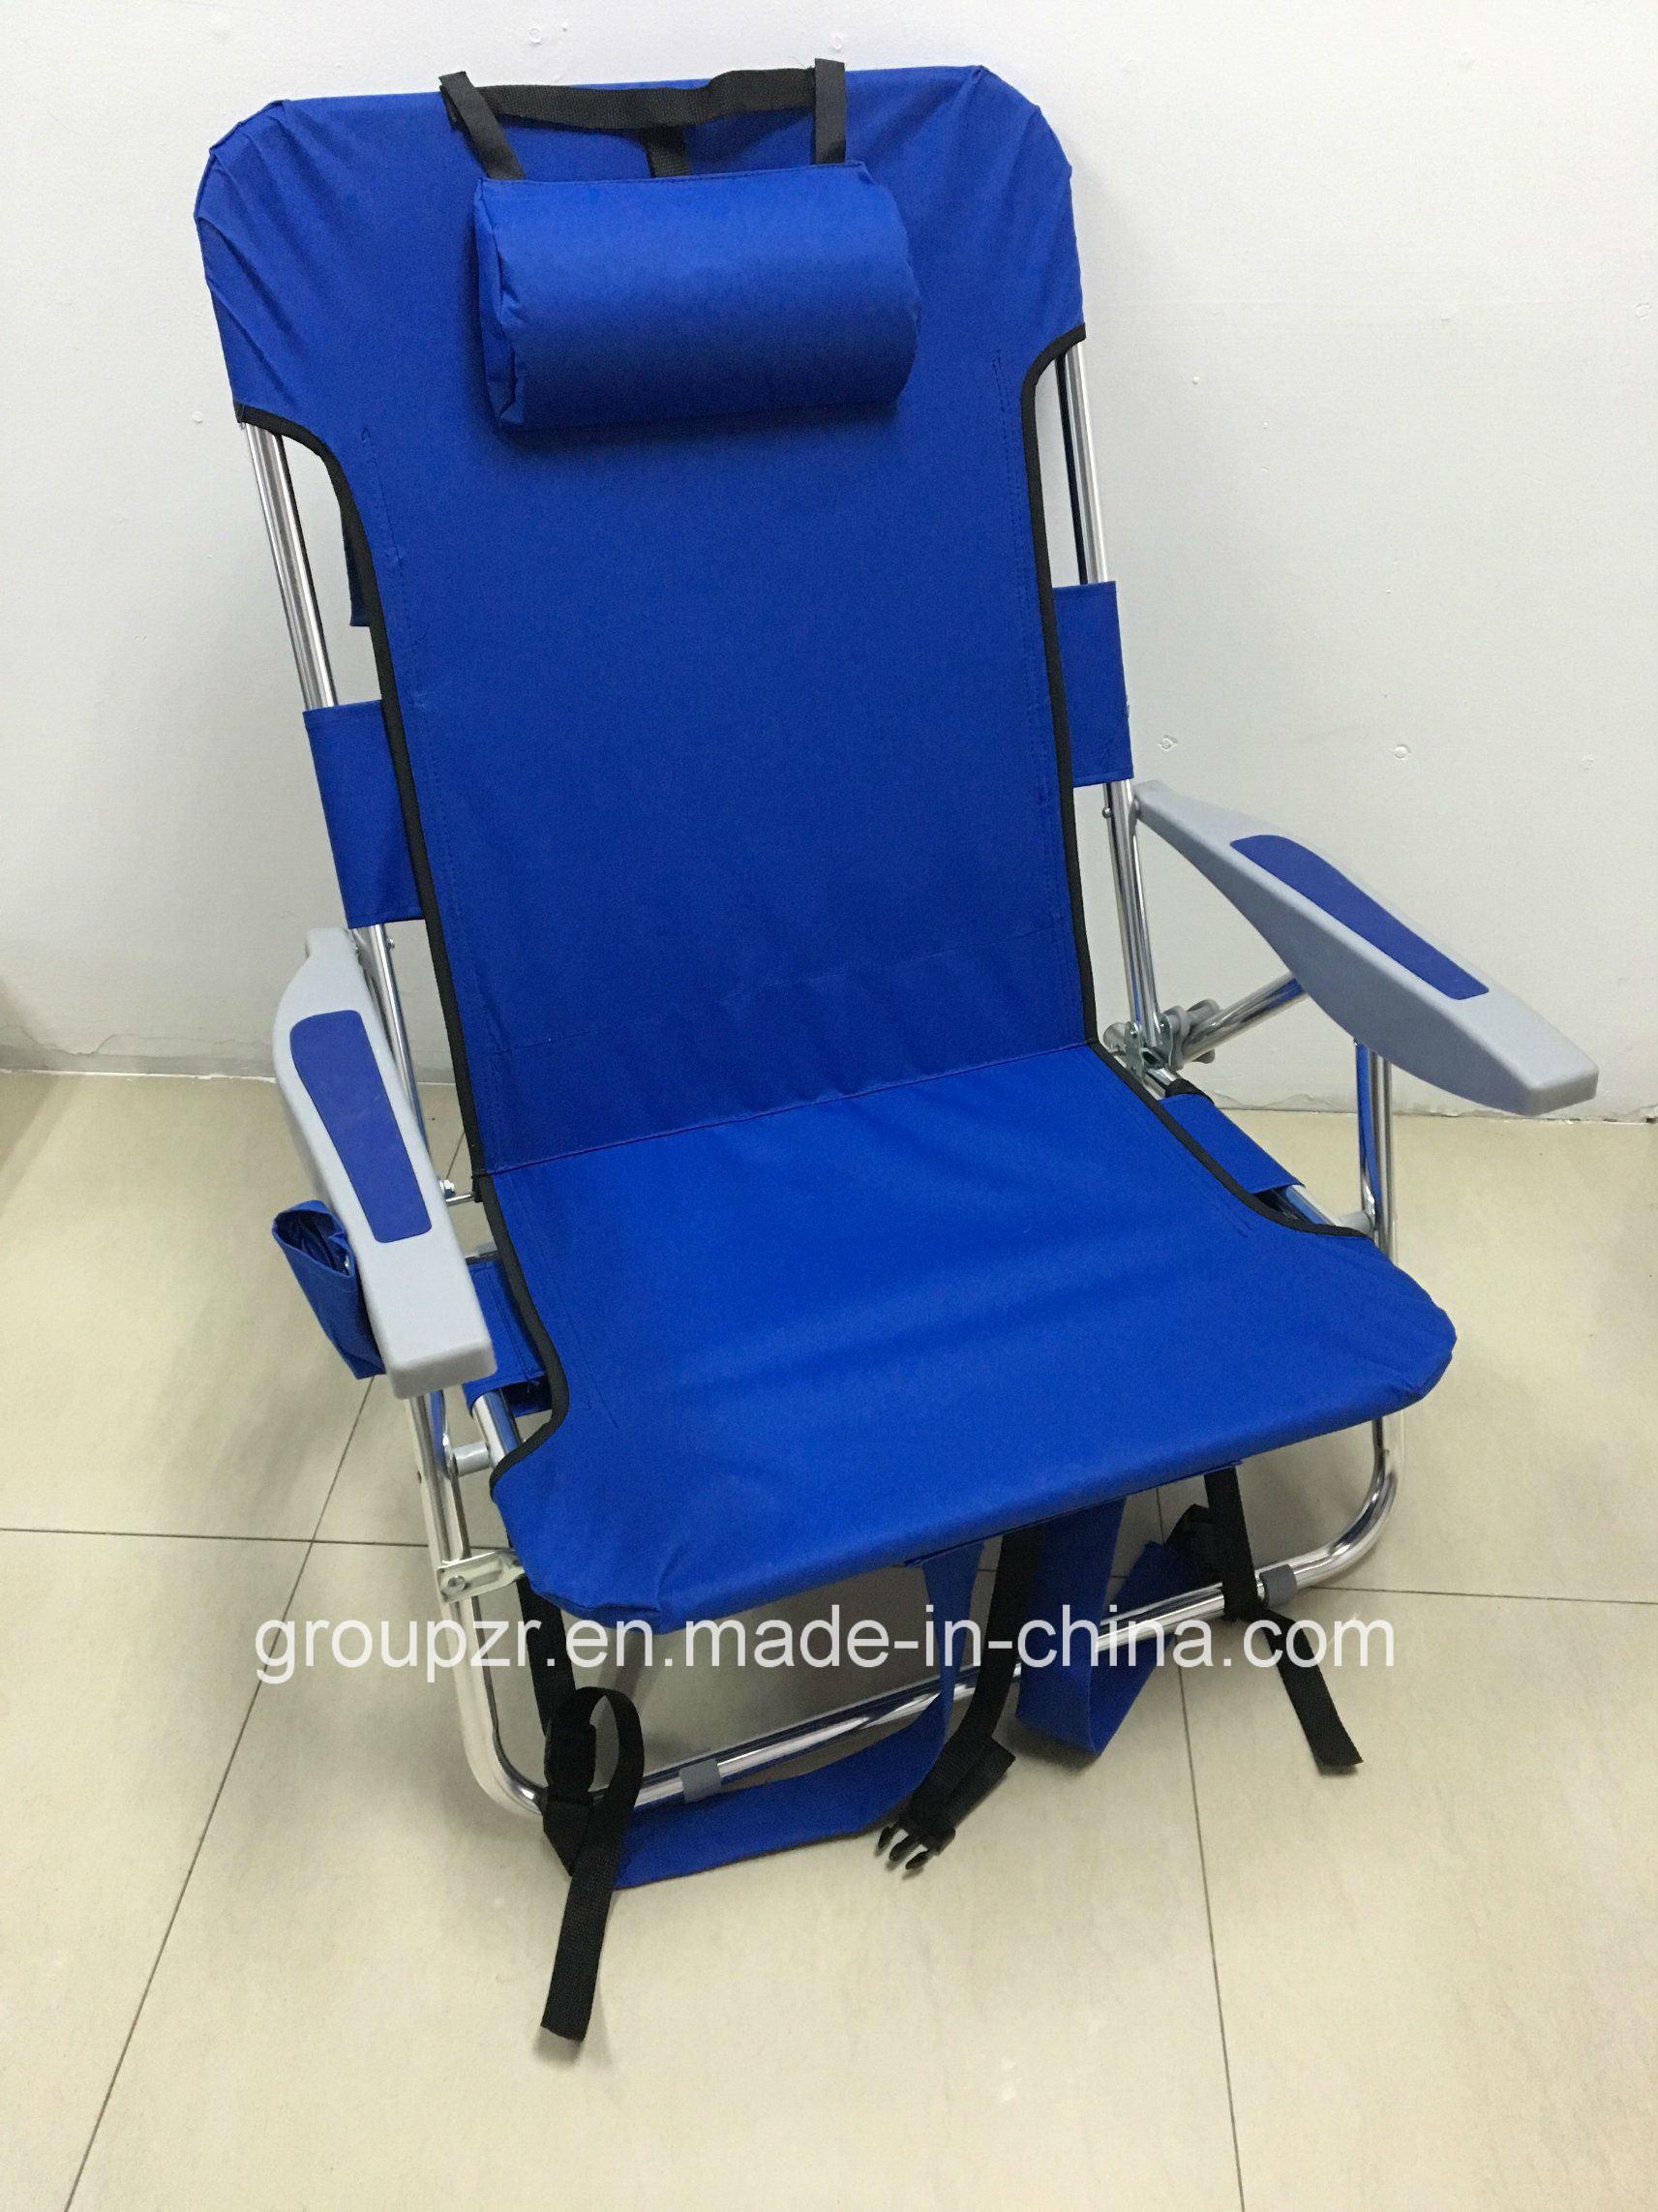 Beach Chair, Folding Chair, Outdoor Chair, Camping Chair